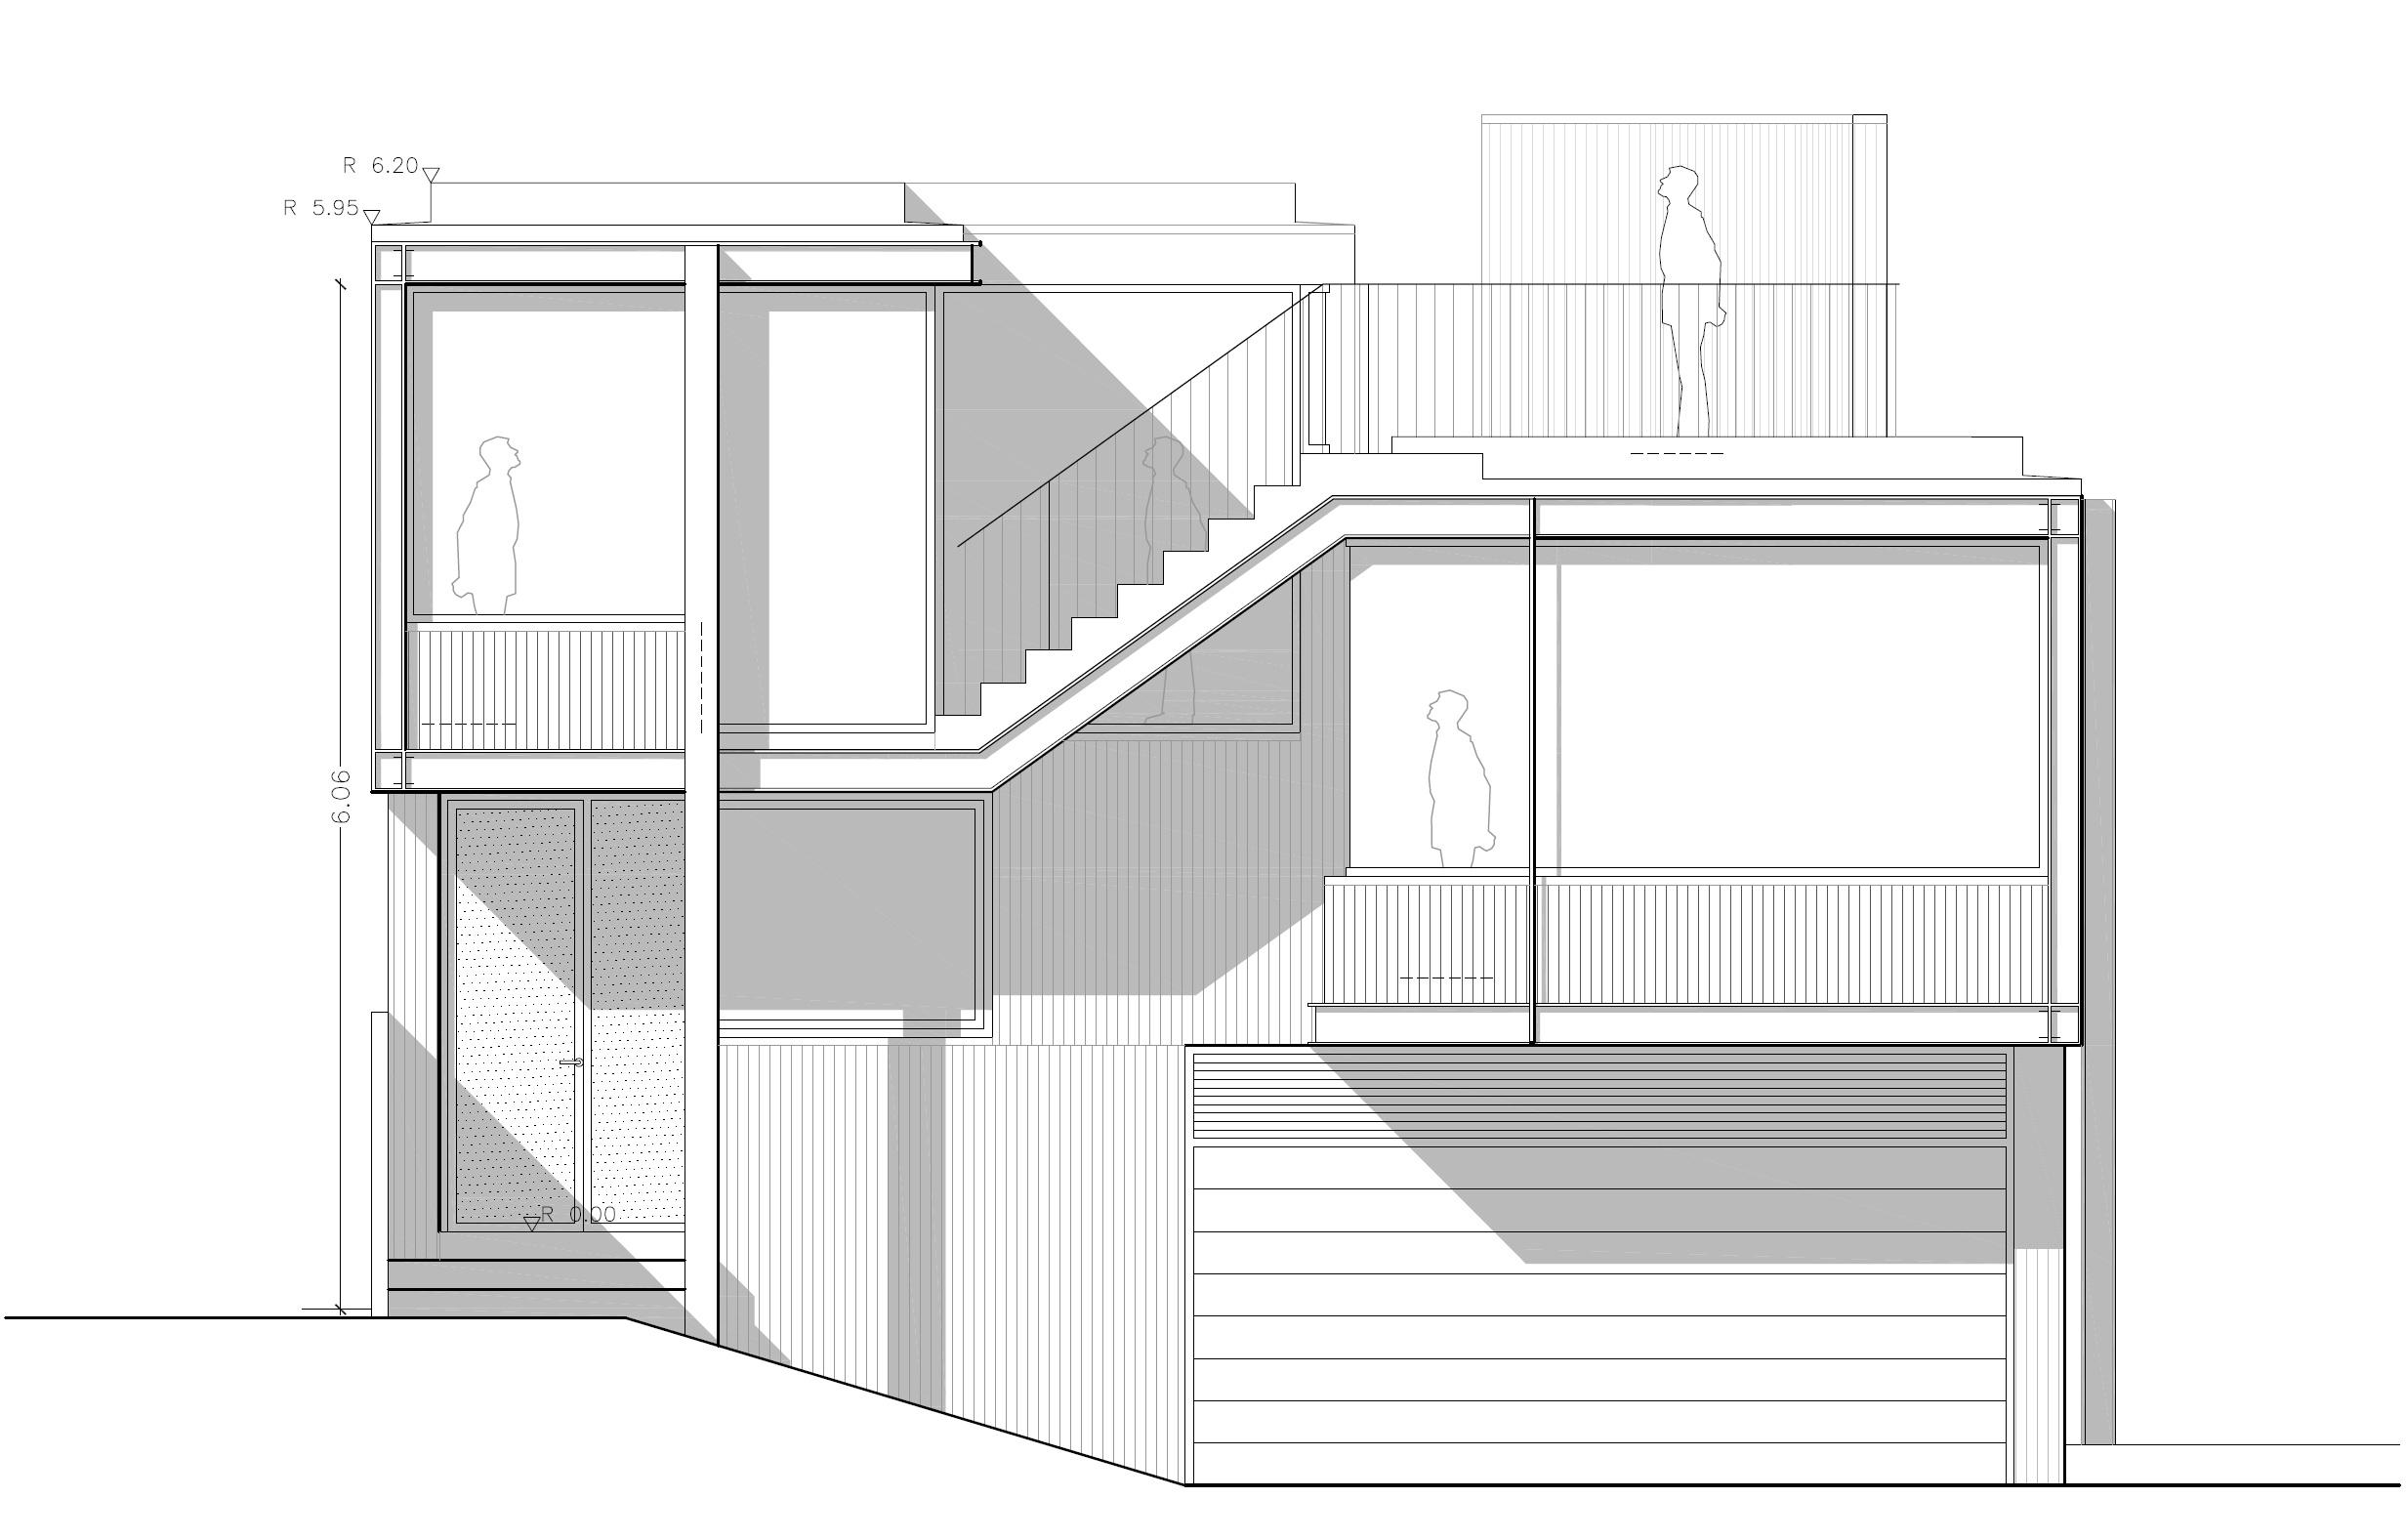 Anteproyecto de vivienda unifamiliar en s marti o moa a - Casas con estructura metalica ...